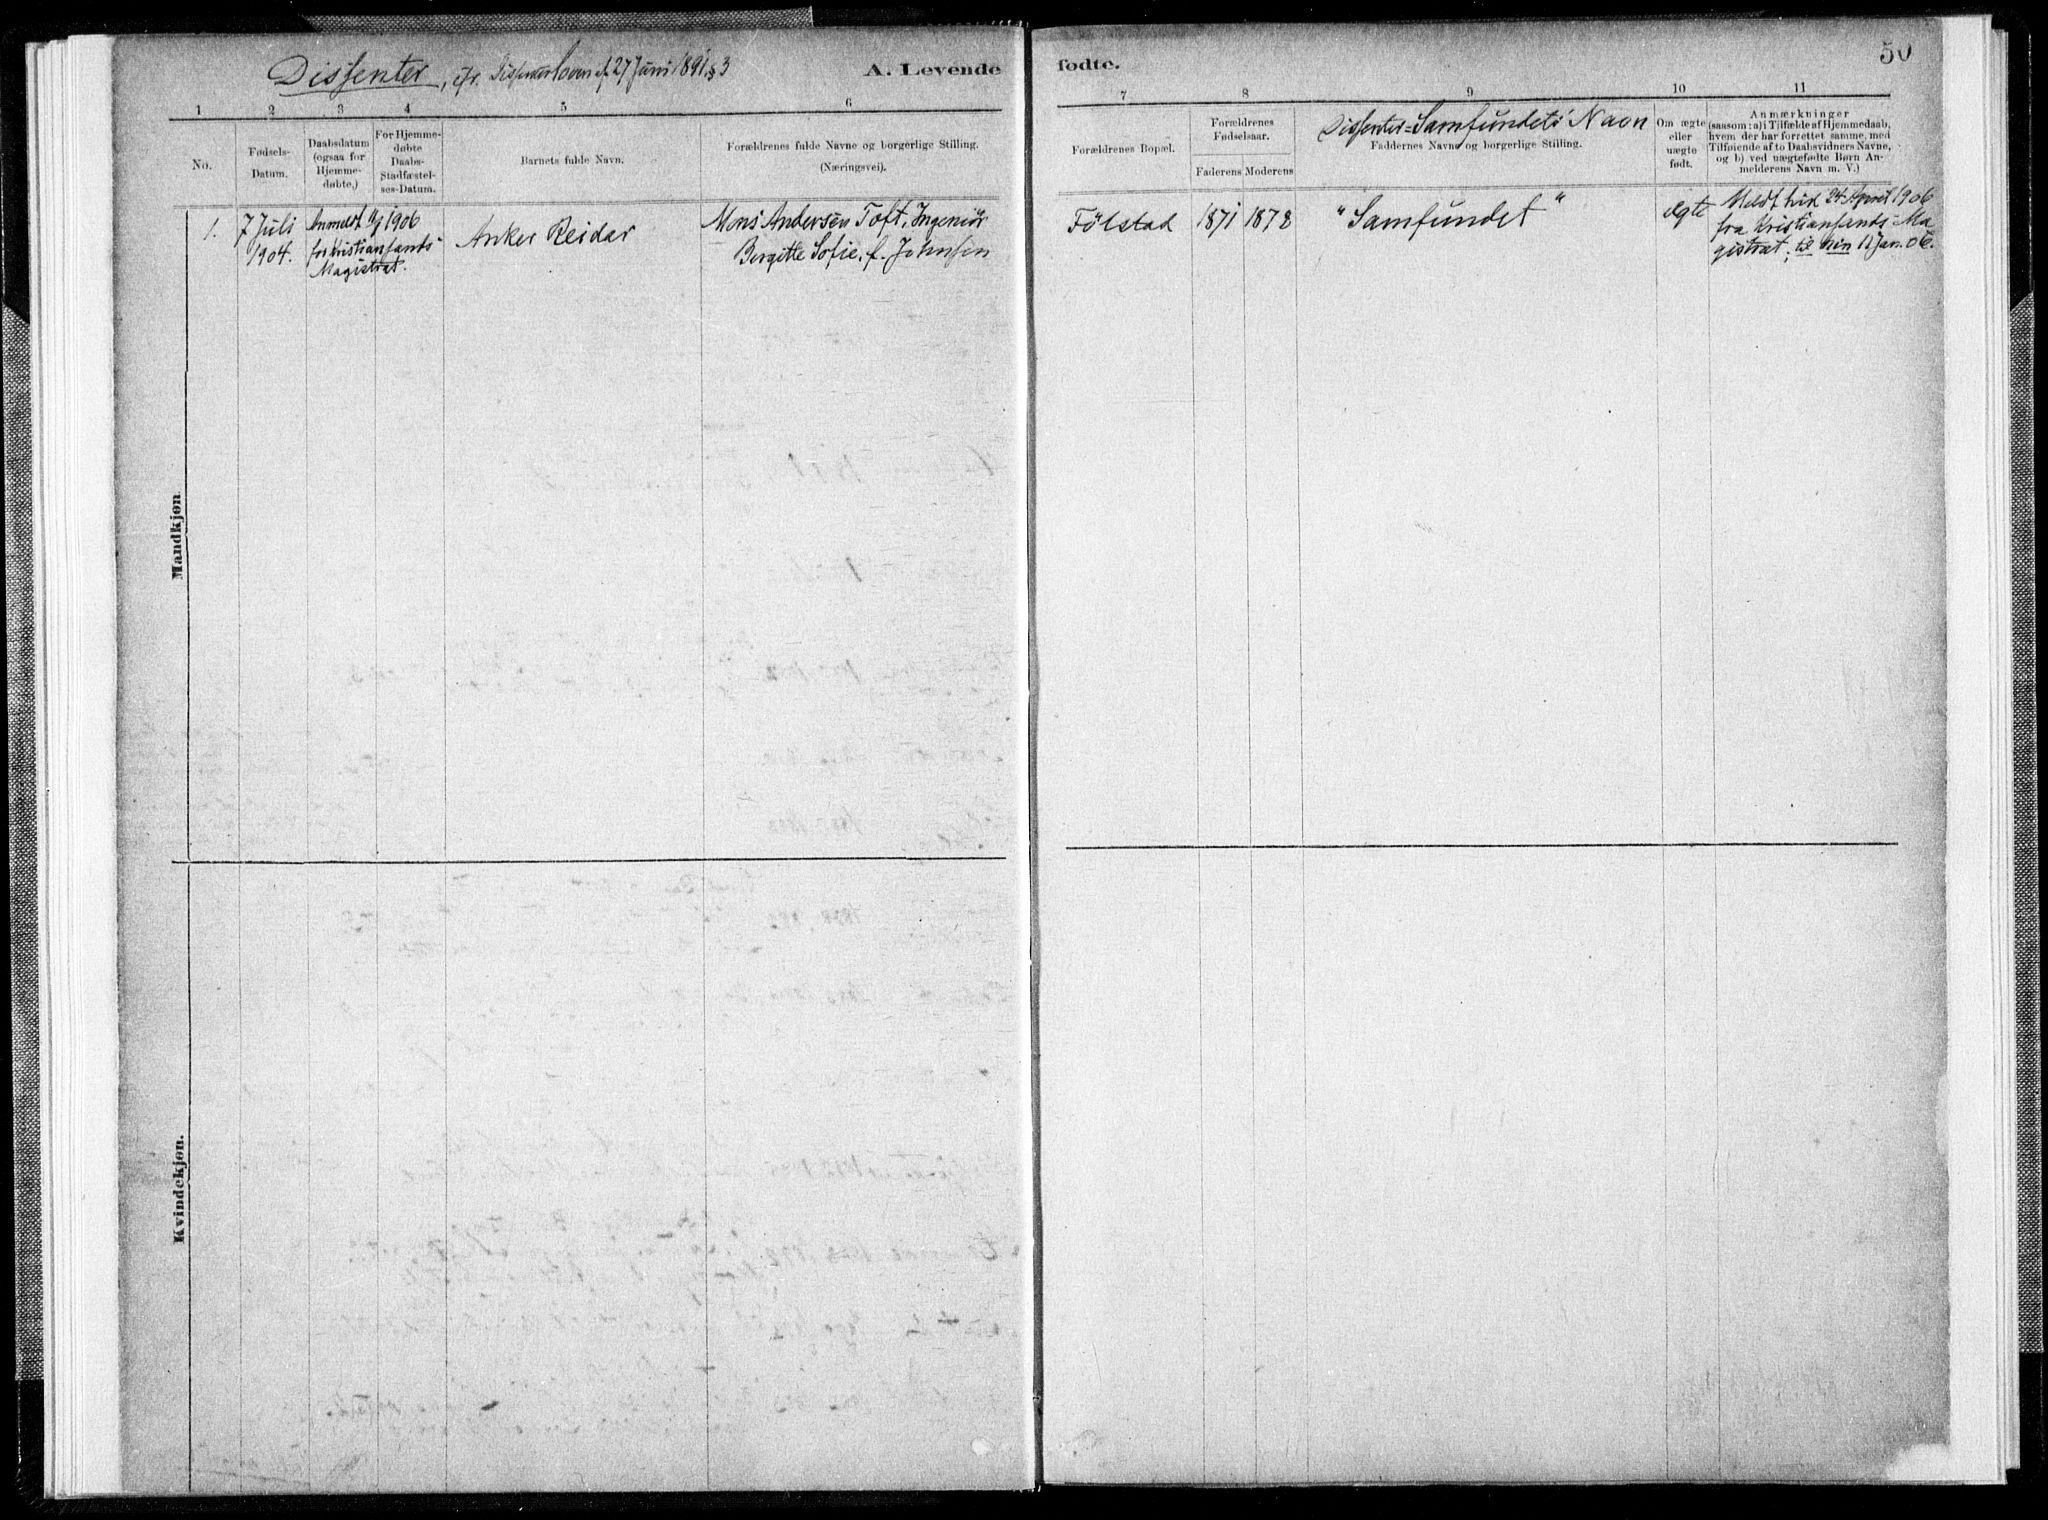 SAT, Ministerialprotokoller, klokkerbøker og fødselsregistre - Nord-Trøndelag, 731/L0309: Ministerialbok nr. 731A01, 1879-1918, s. 50